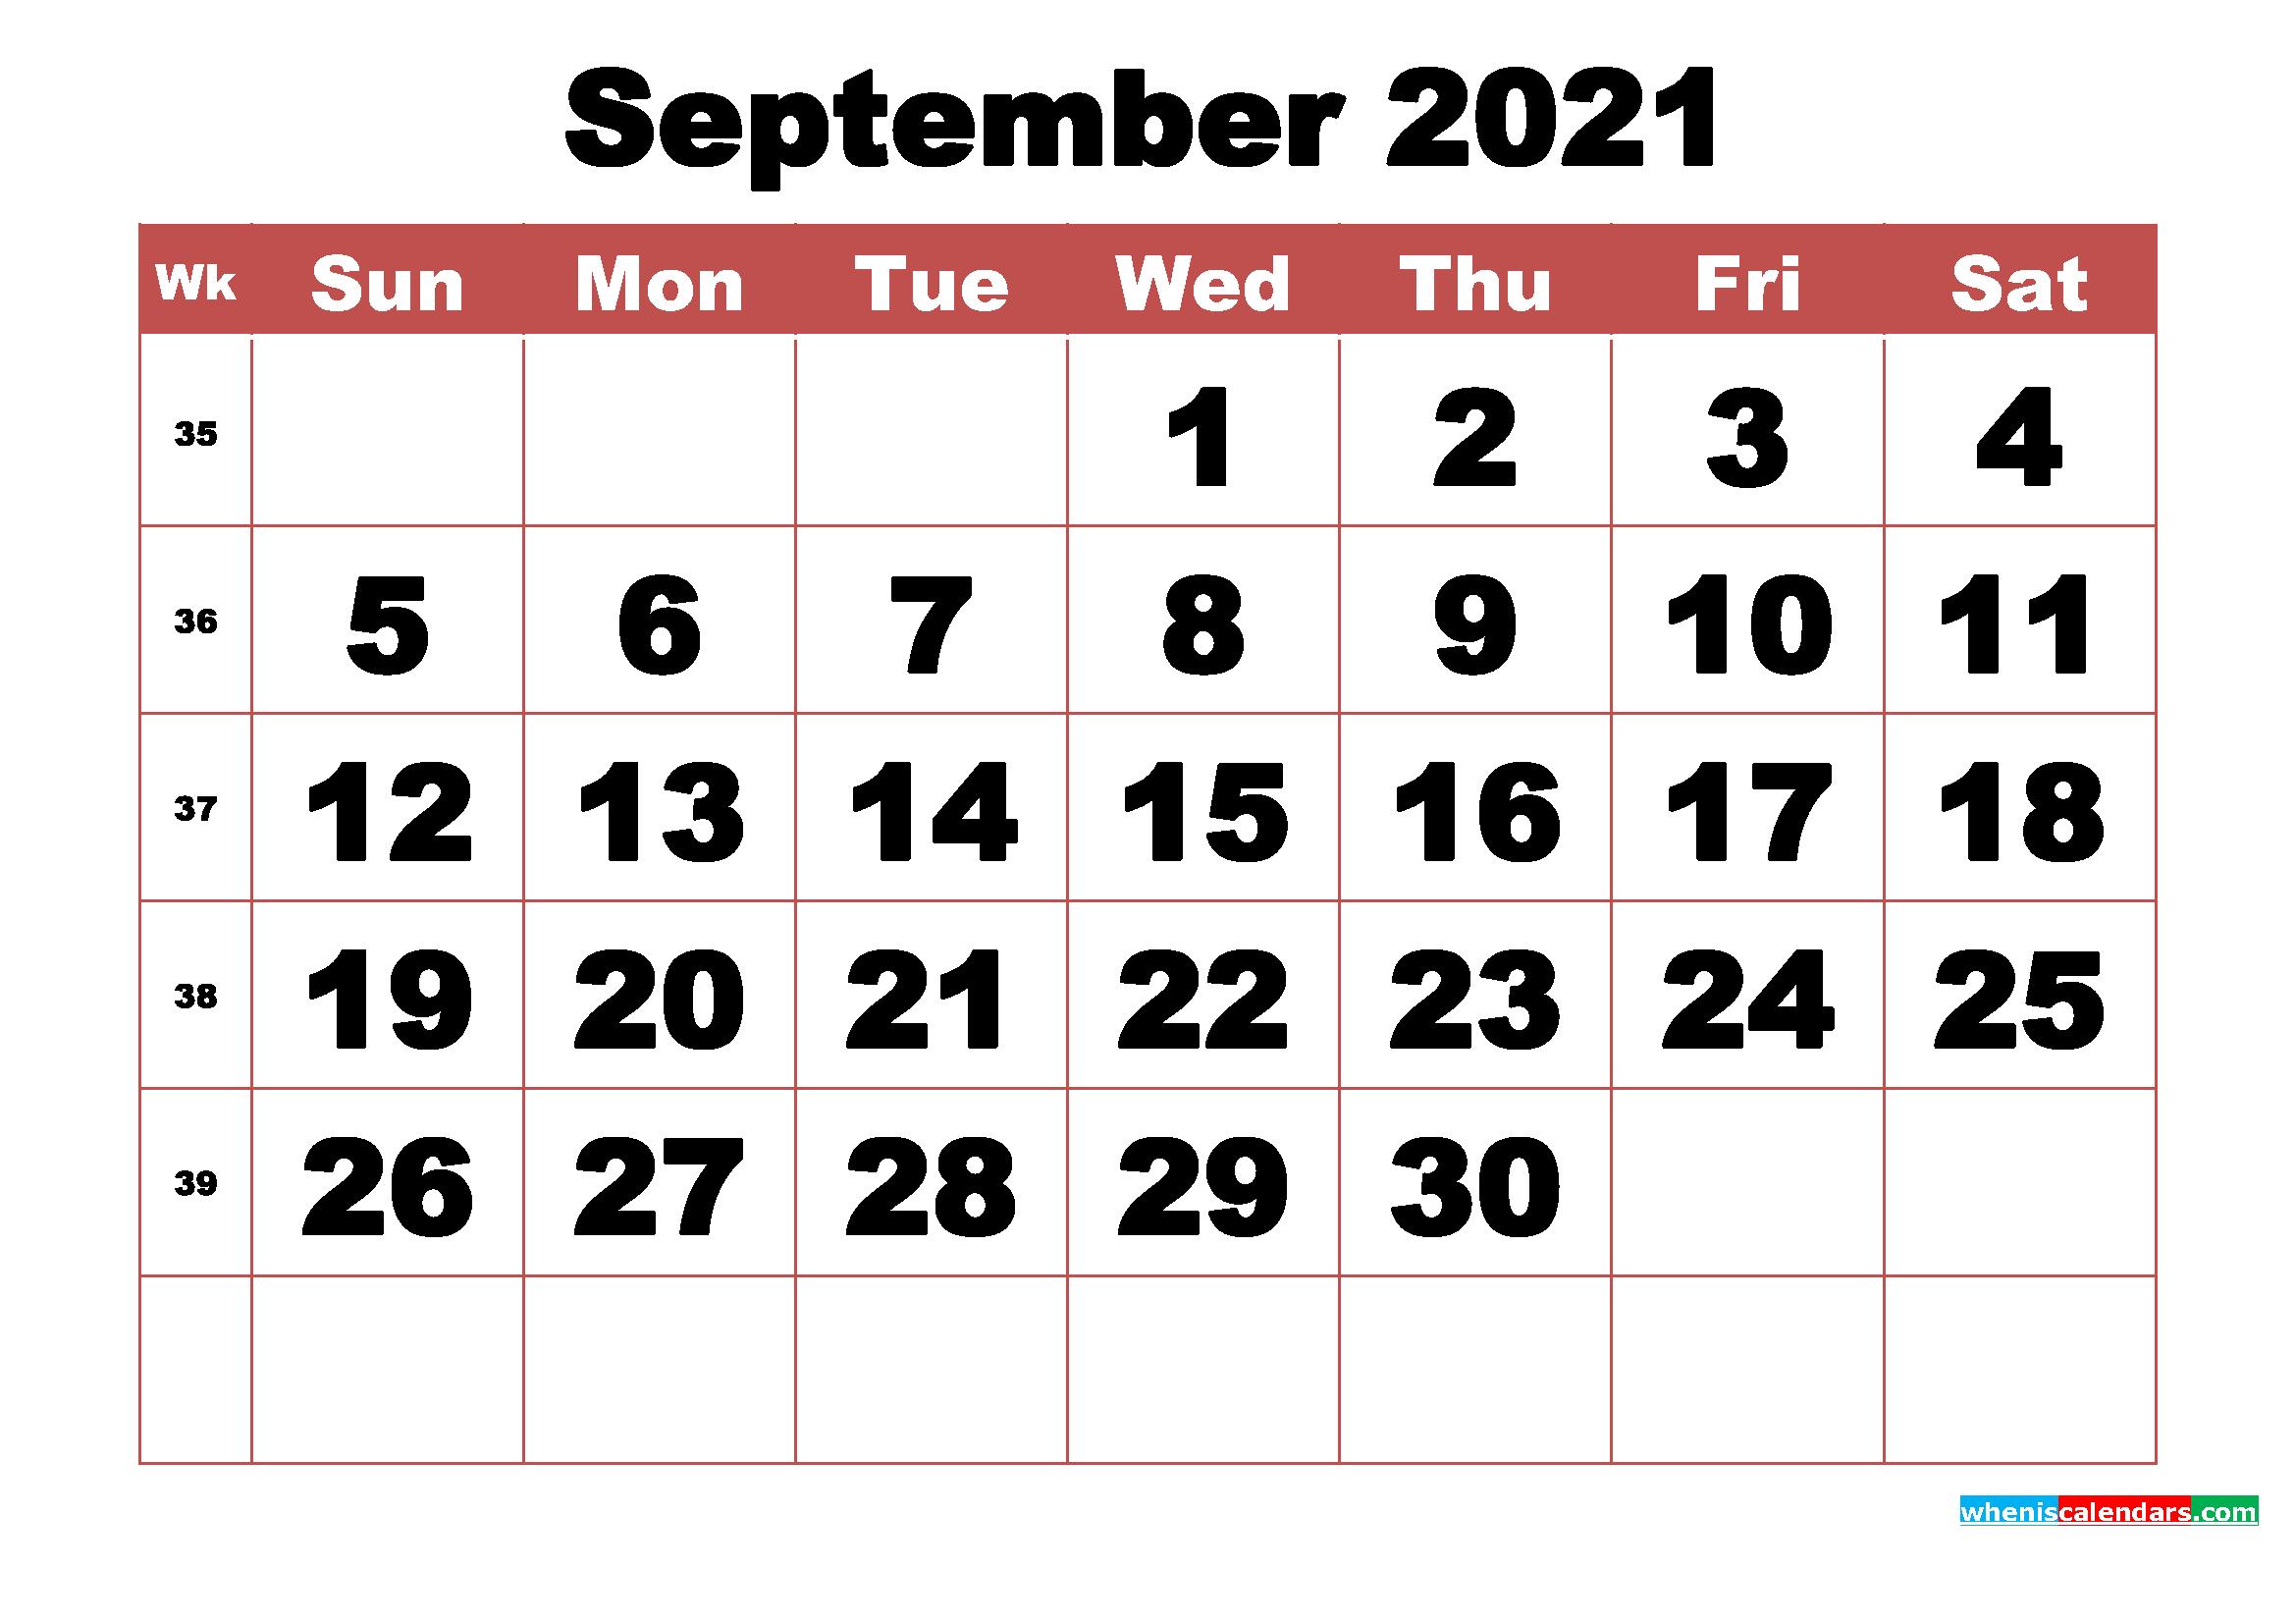 Free Printable September 2021 Calendar With Week Numbers with Printable 3 Months At A Time Calendar 2021